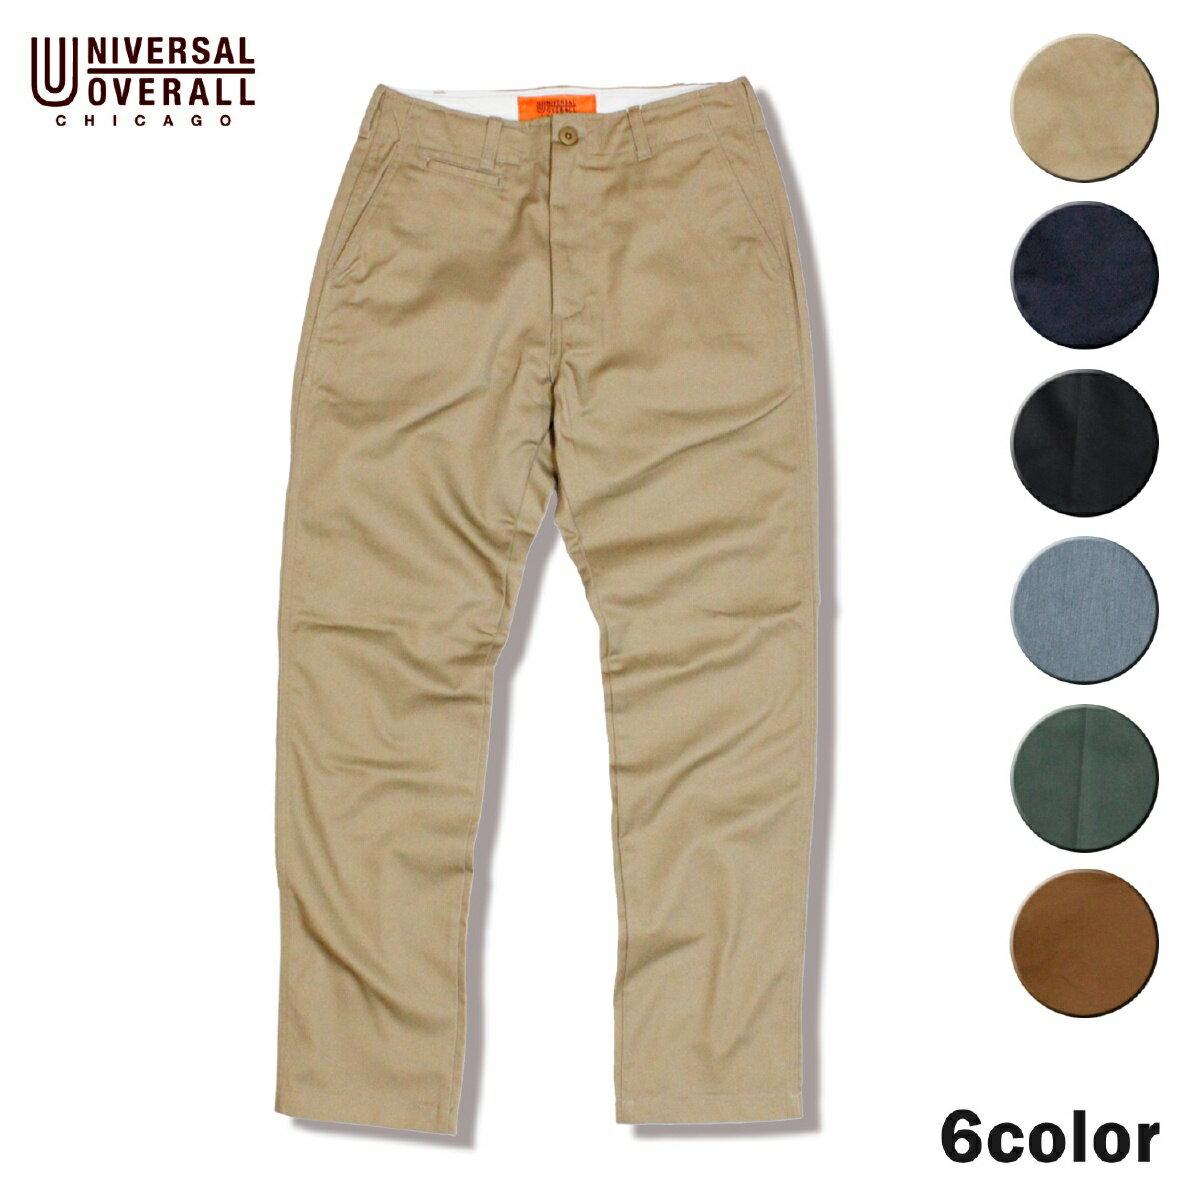 UNIVERSAL OVERALL ユニバーサルオーバーオール INDUSTRIAL PANTS 2カラー チノパン パンツ ワークパンツ メンズ アメカジ ベージュ ネイビー